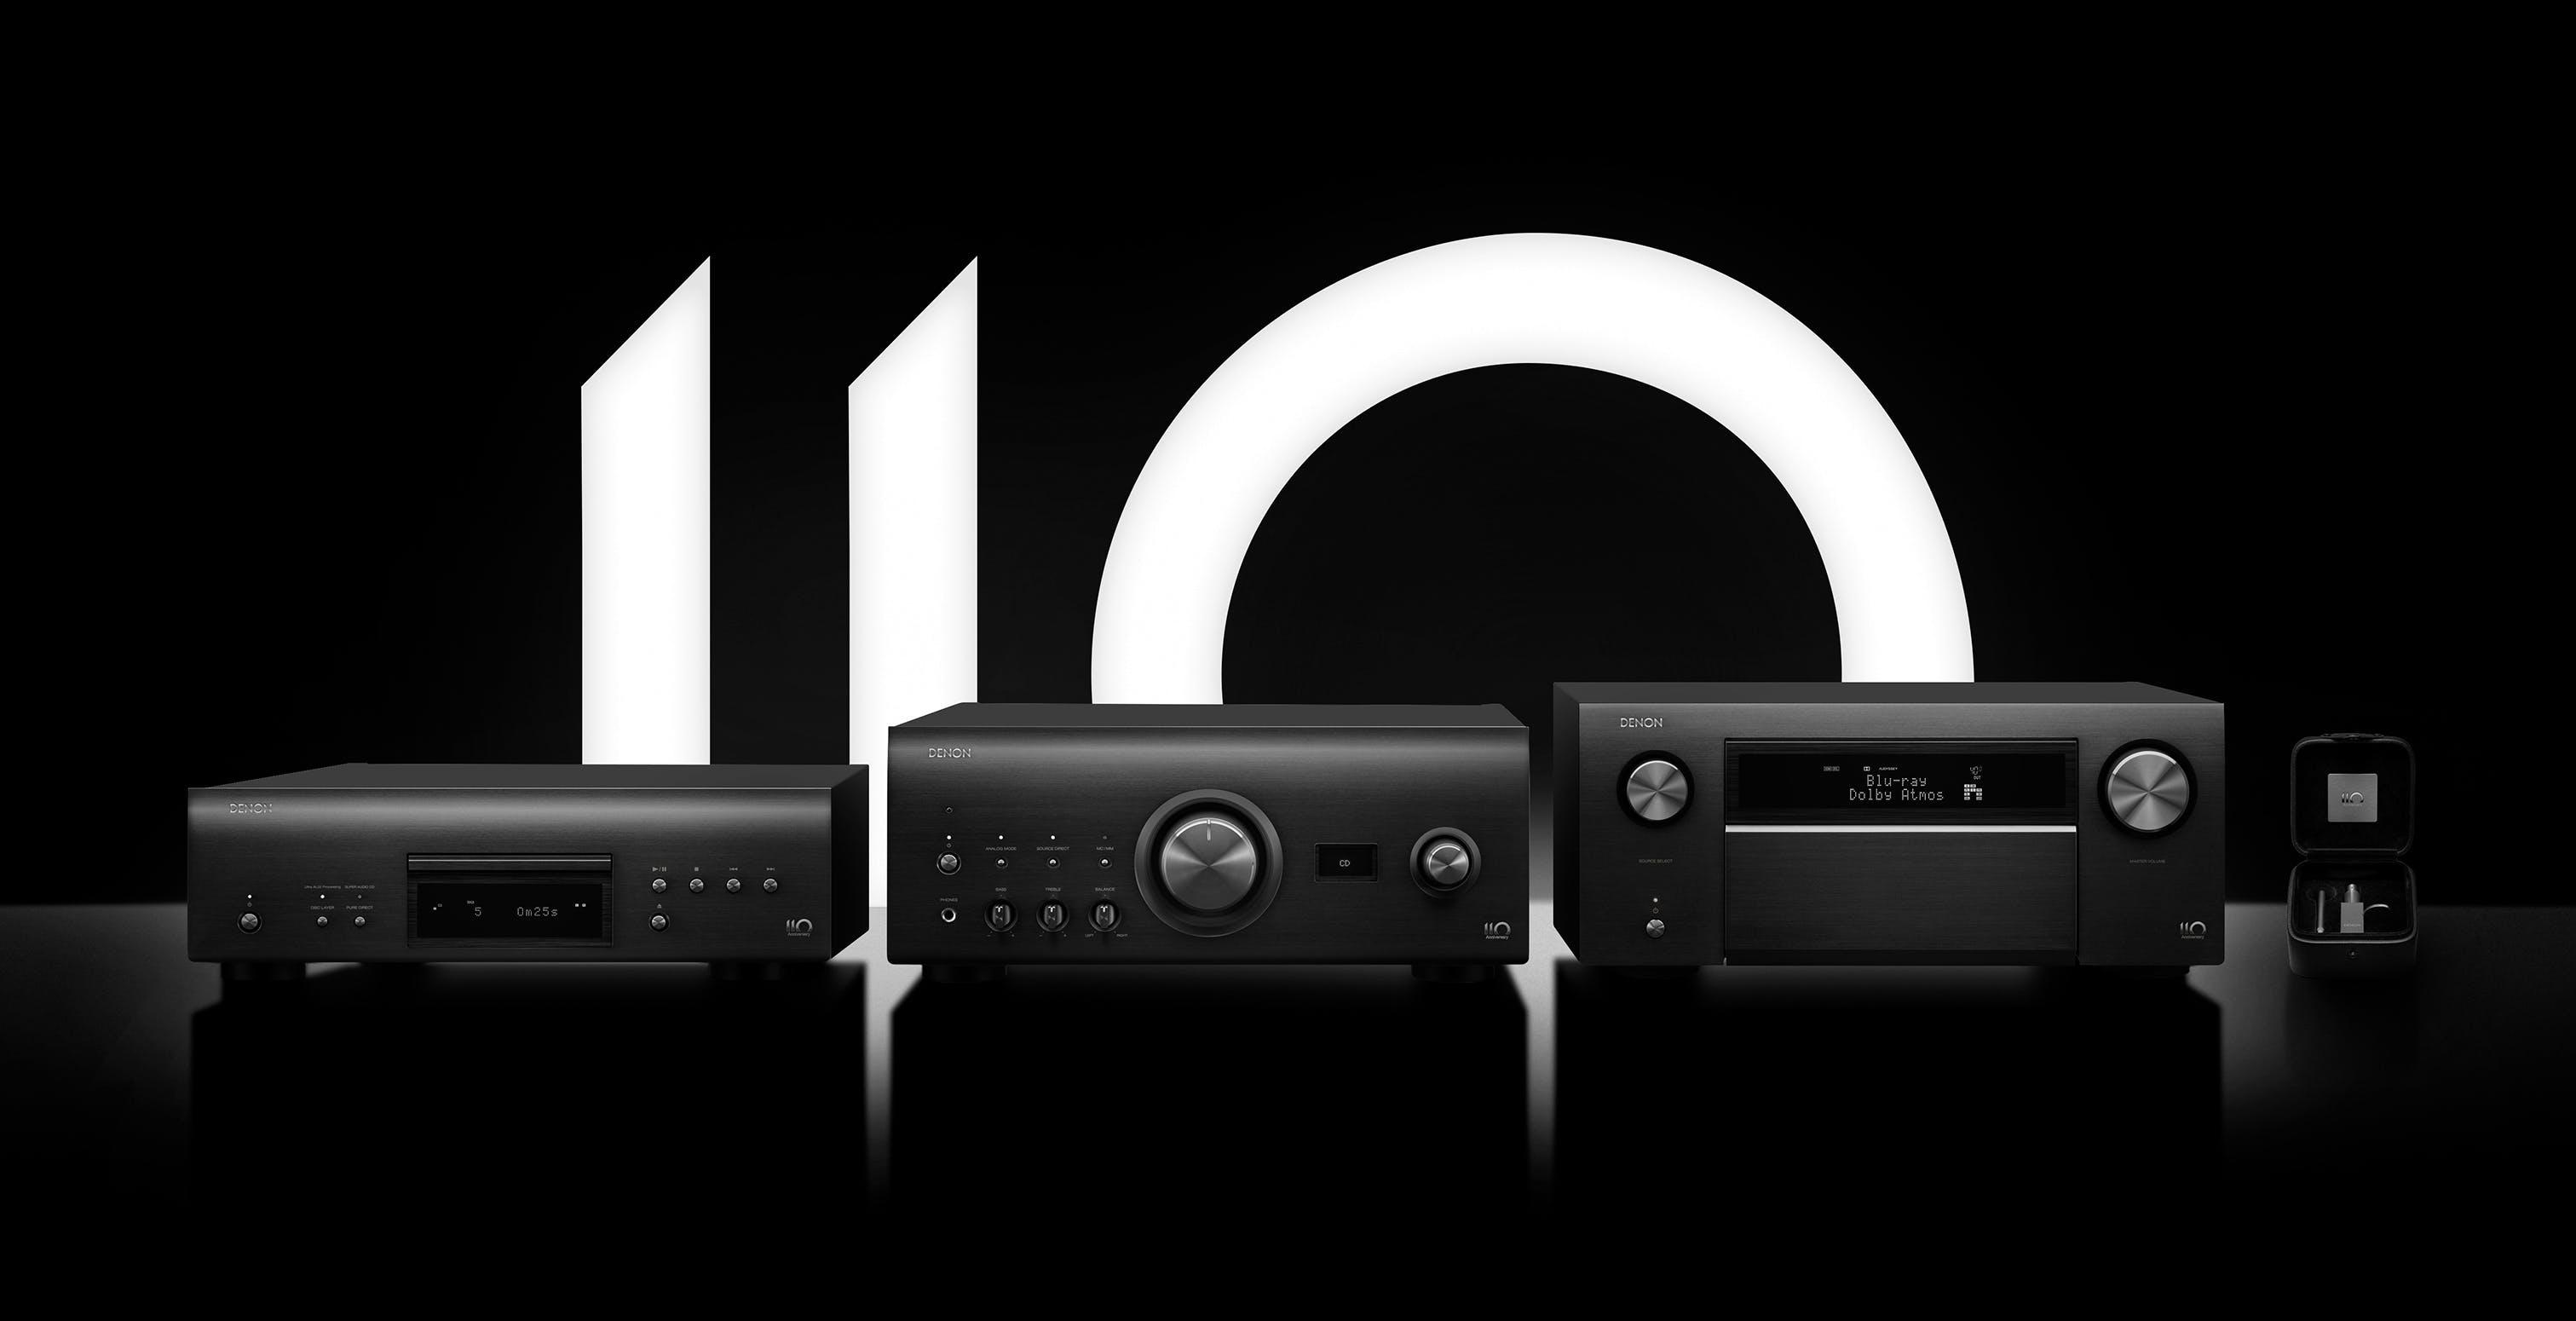 """Denon festeggia i suoi 110 anni. Ecco la """"Serie 110"""" celebrativa progettata senza compromessi"""